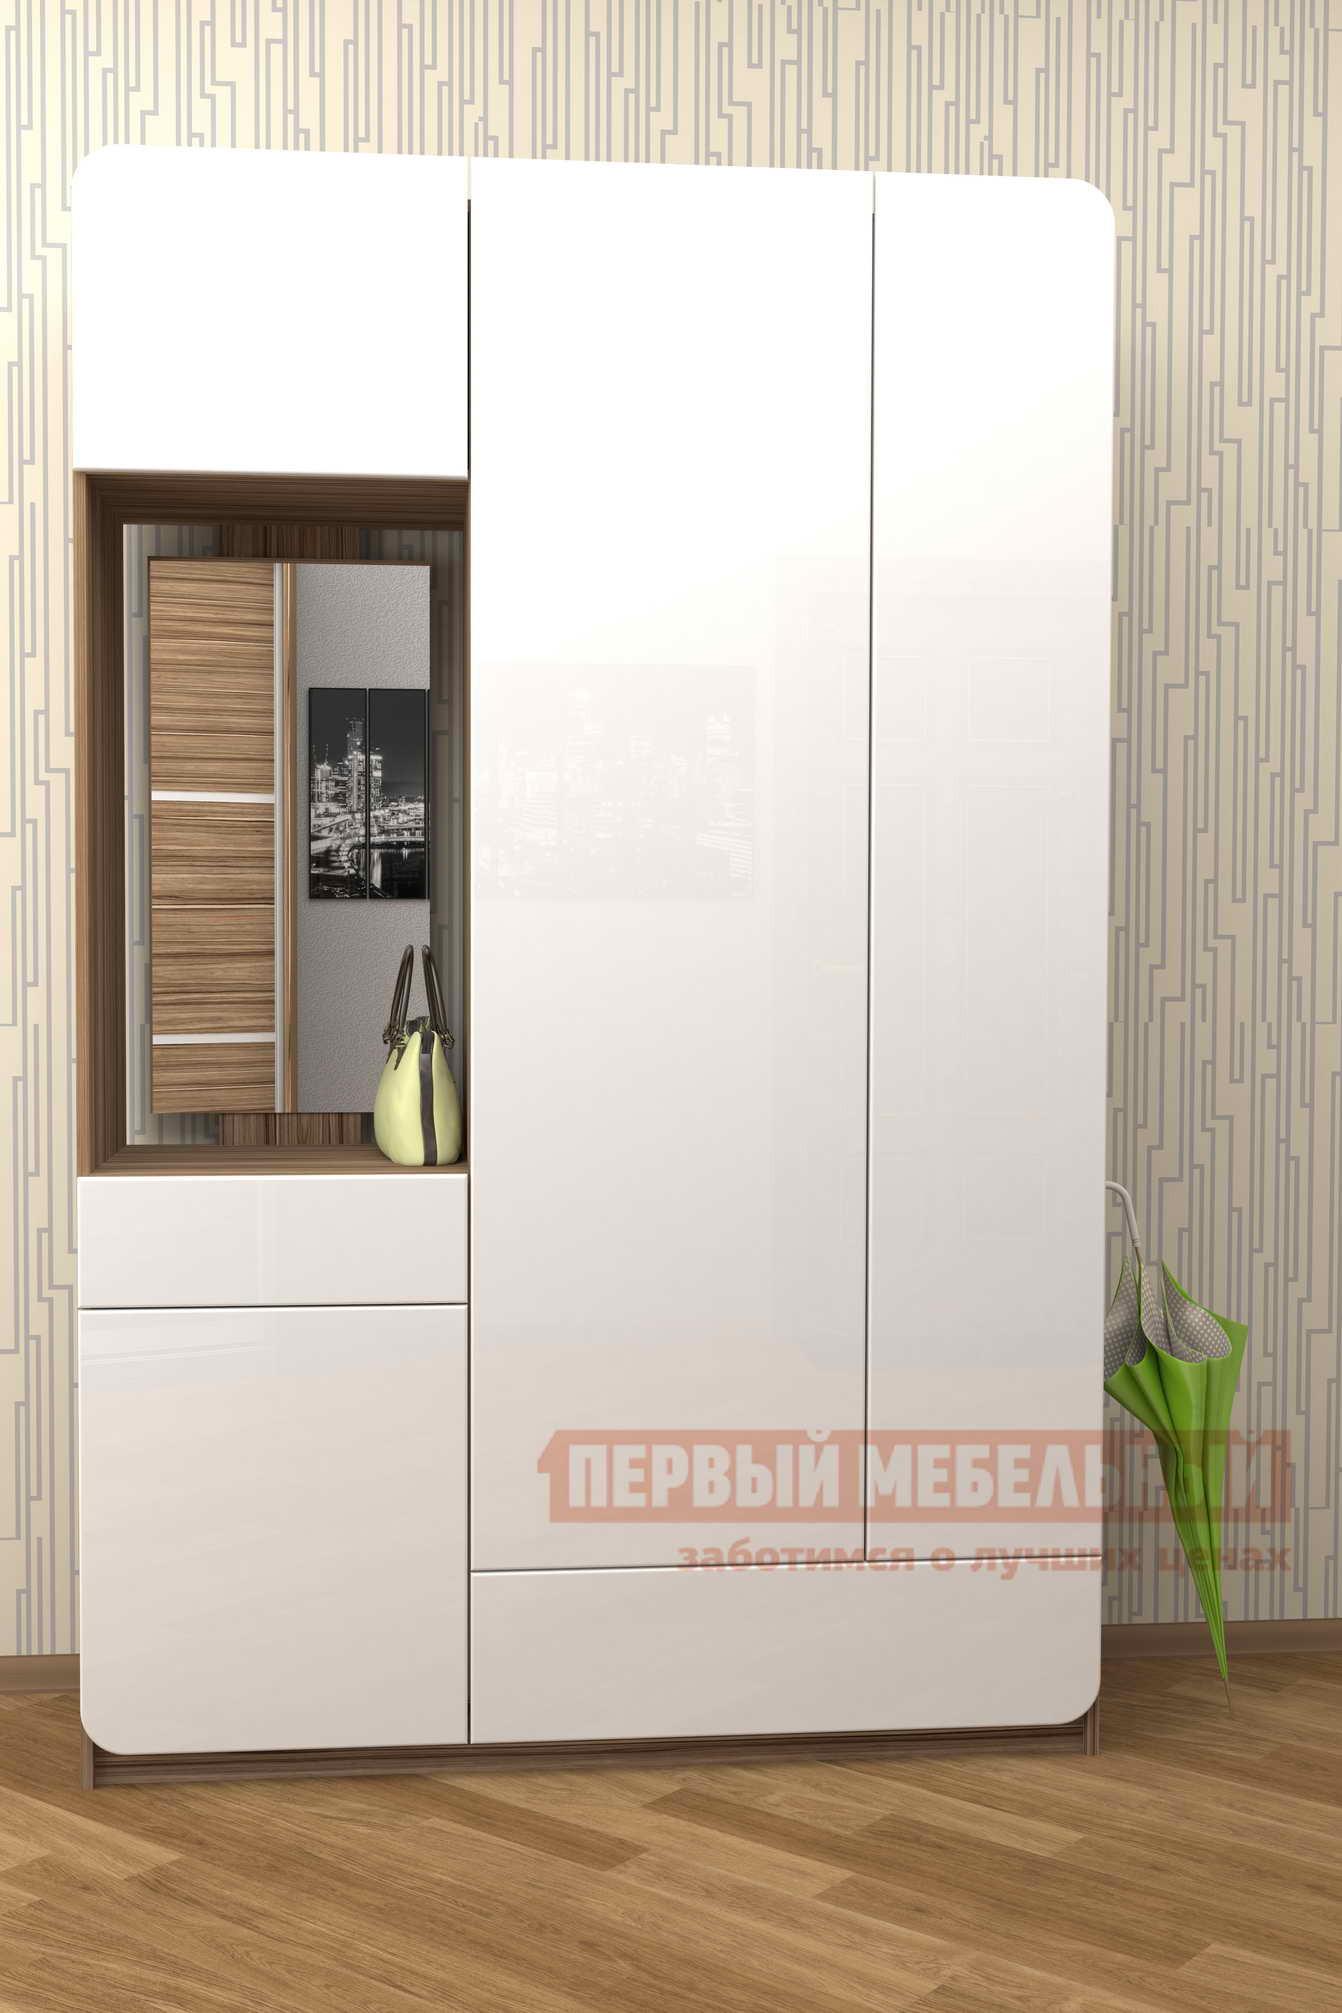 Прихожая в коридор Мебелеф Прихожая «Мебелеф-15» шкаф витрина любимый дом лд 270420 251 630 левый